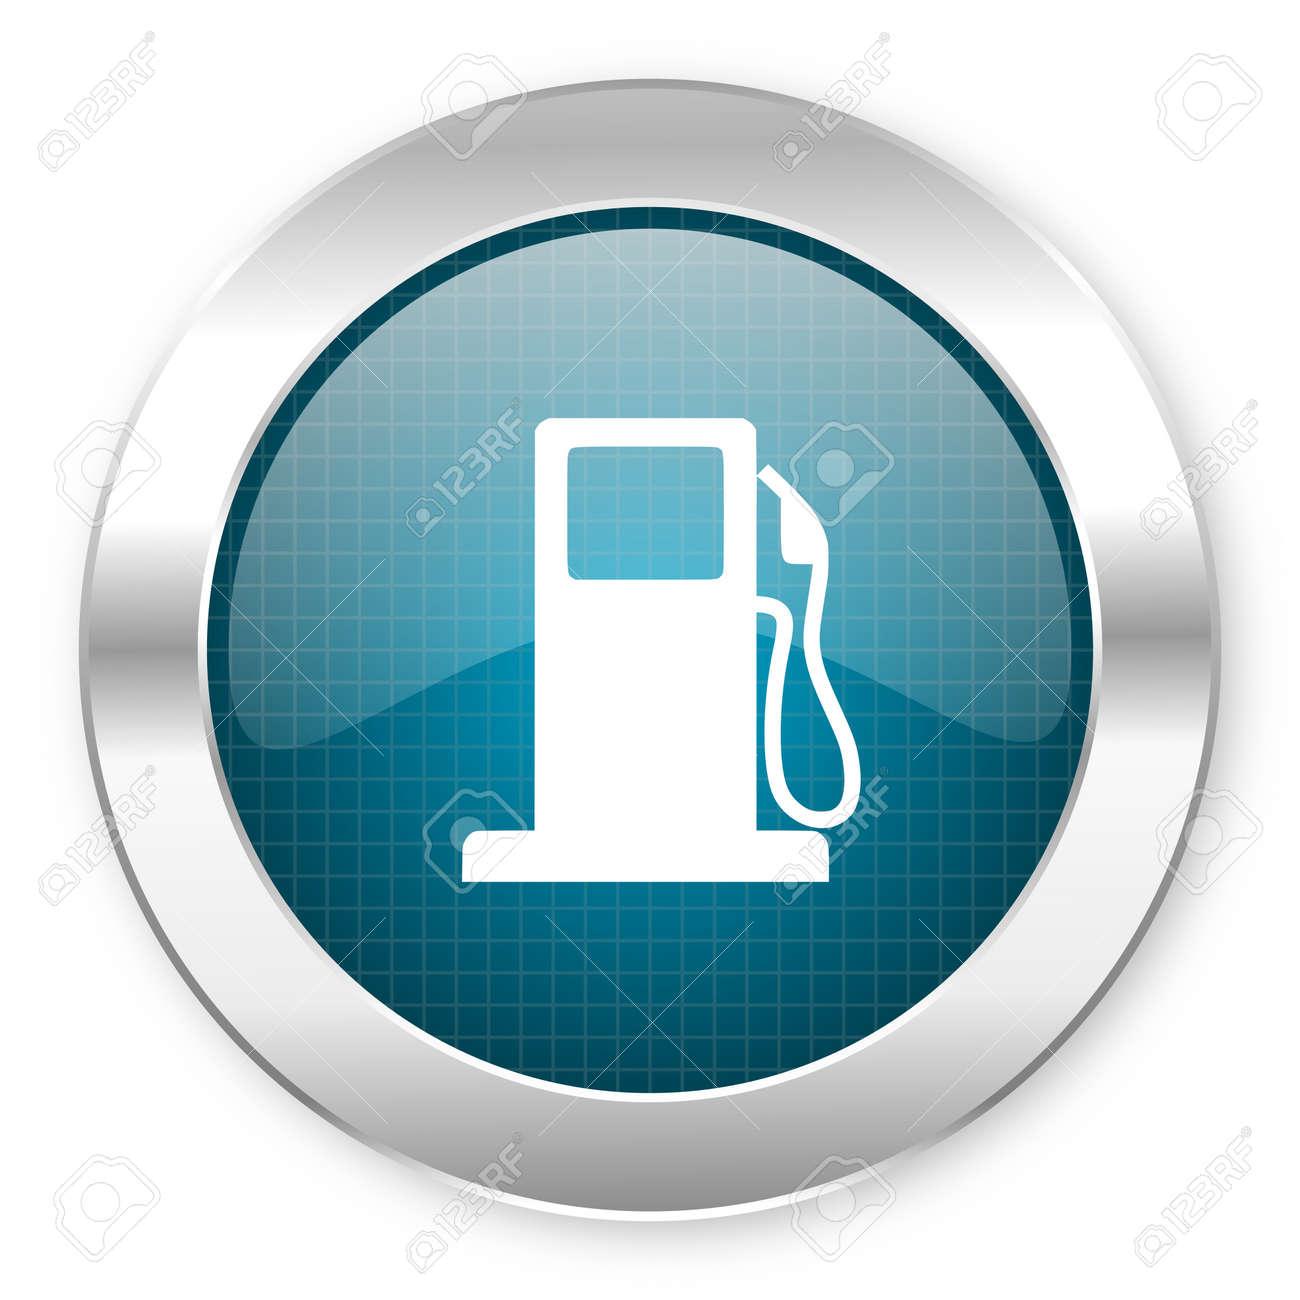 fuel icon Stock Photo - 21081334